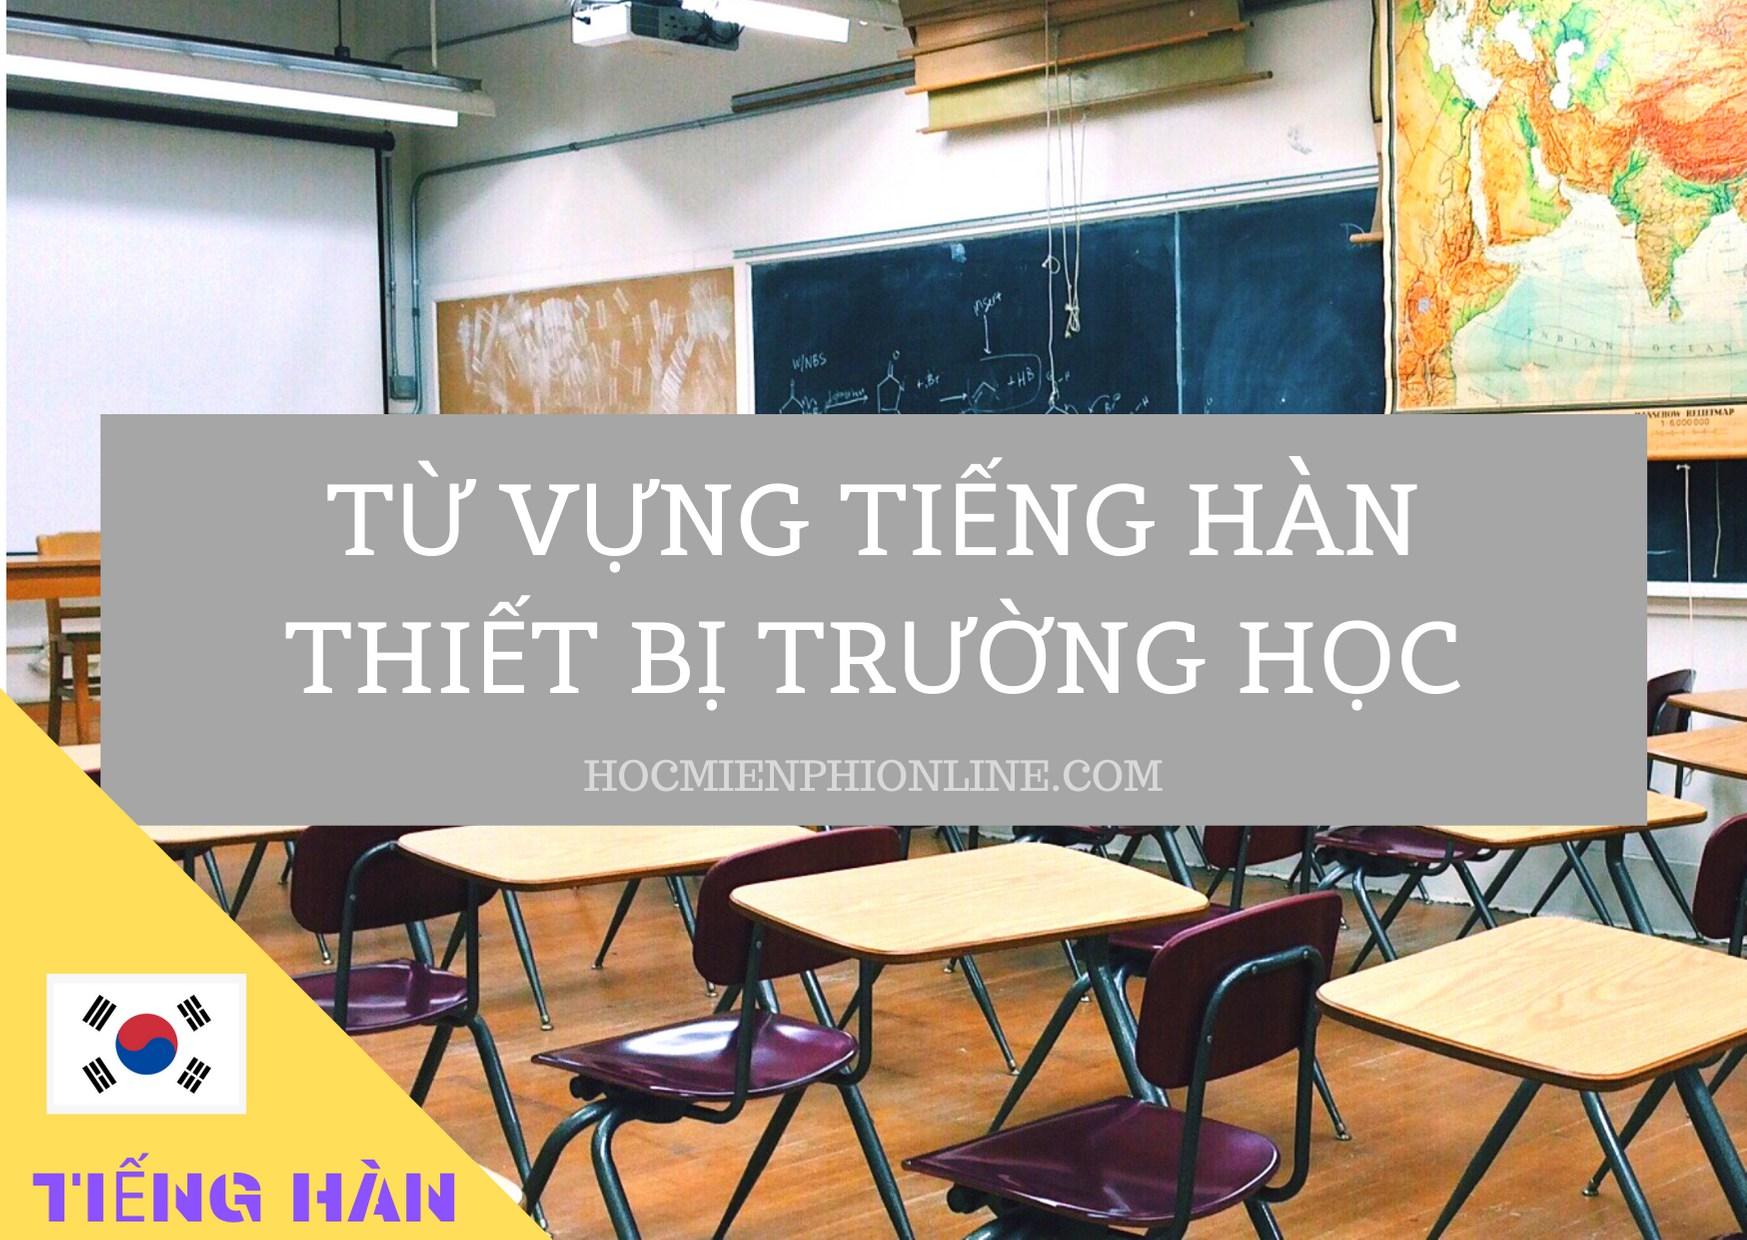 Tên gọi các thiết bị trường học bằng tiếng Hàn